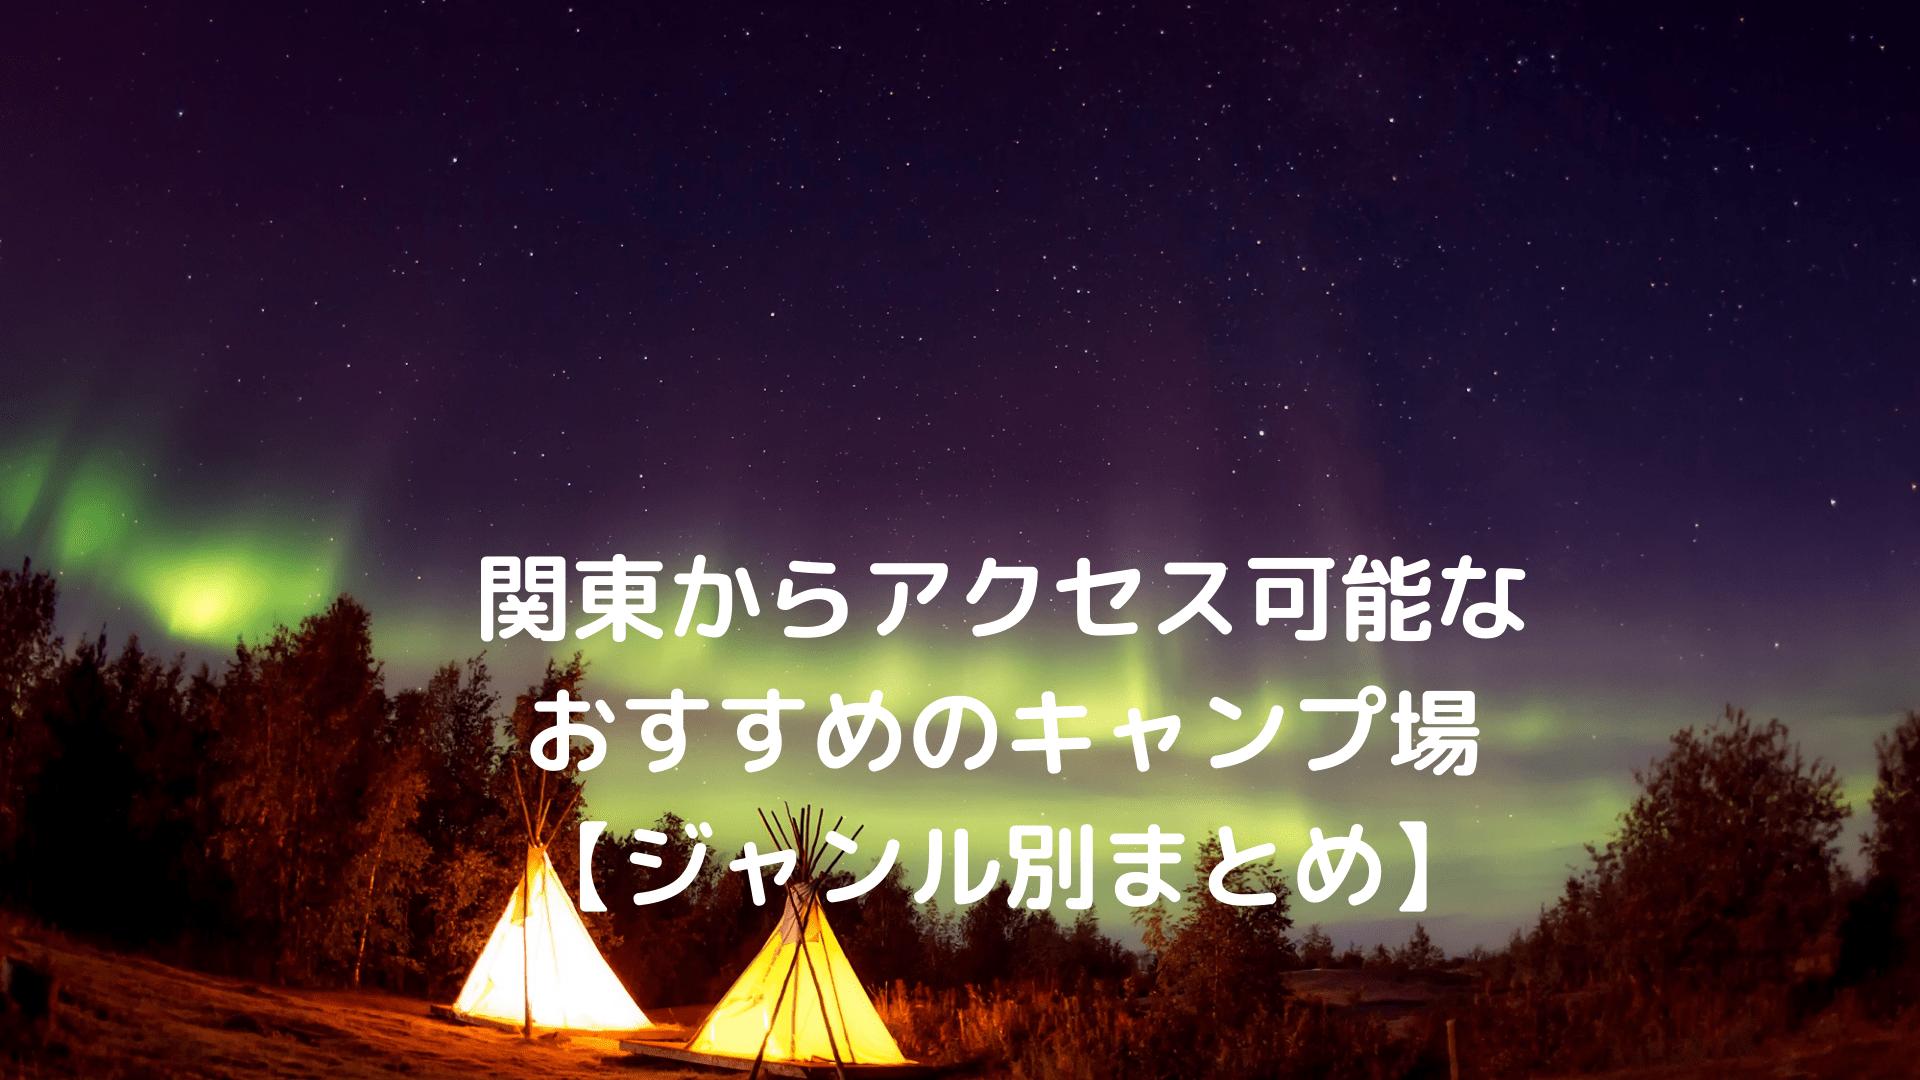 関東からアクセス可能な おすすめのキャンプ場まとめ